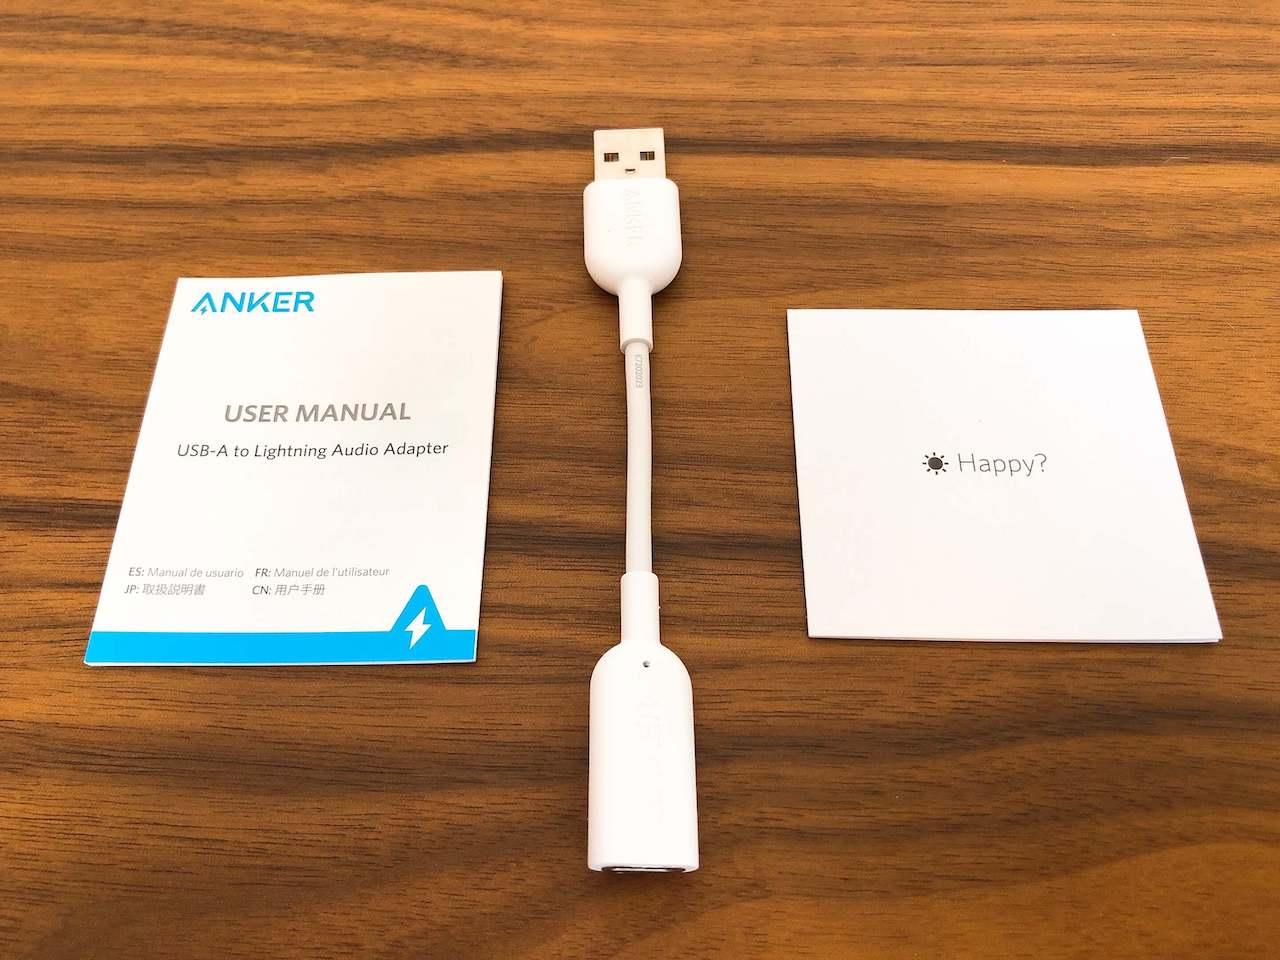 Anker(アンカー)の「USB to Lightning オーディオアダプター」の写真です。